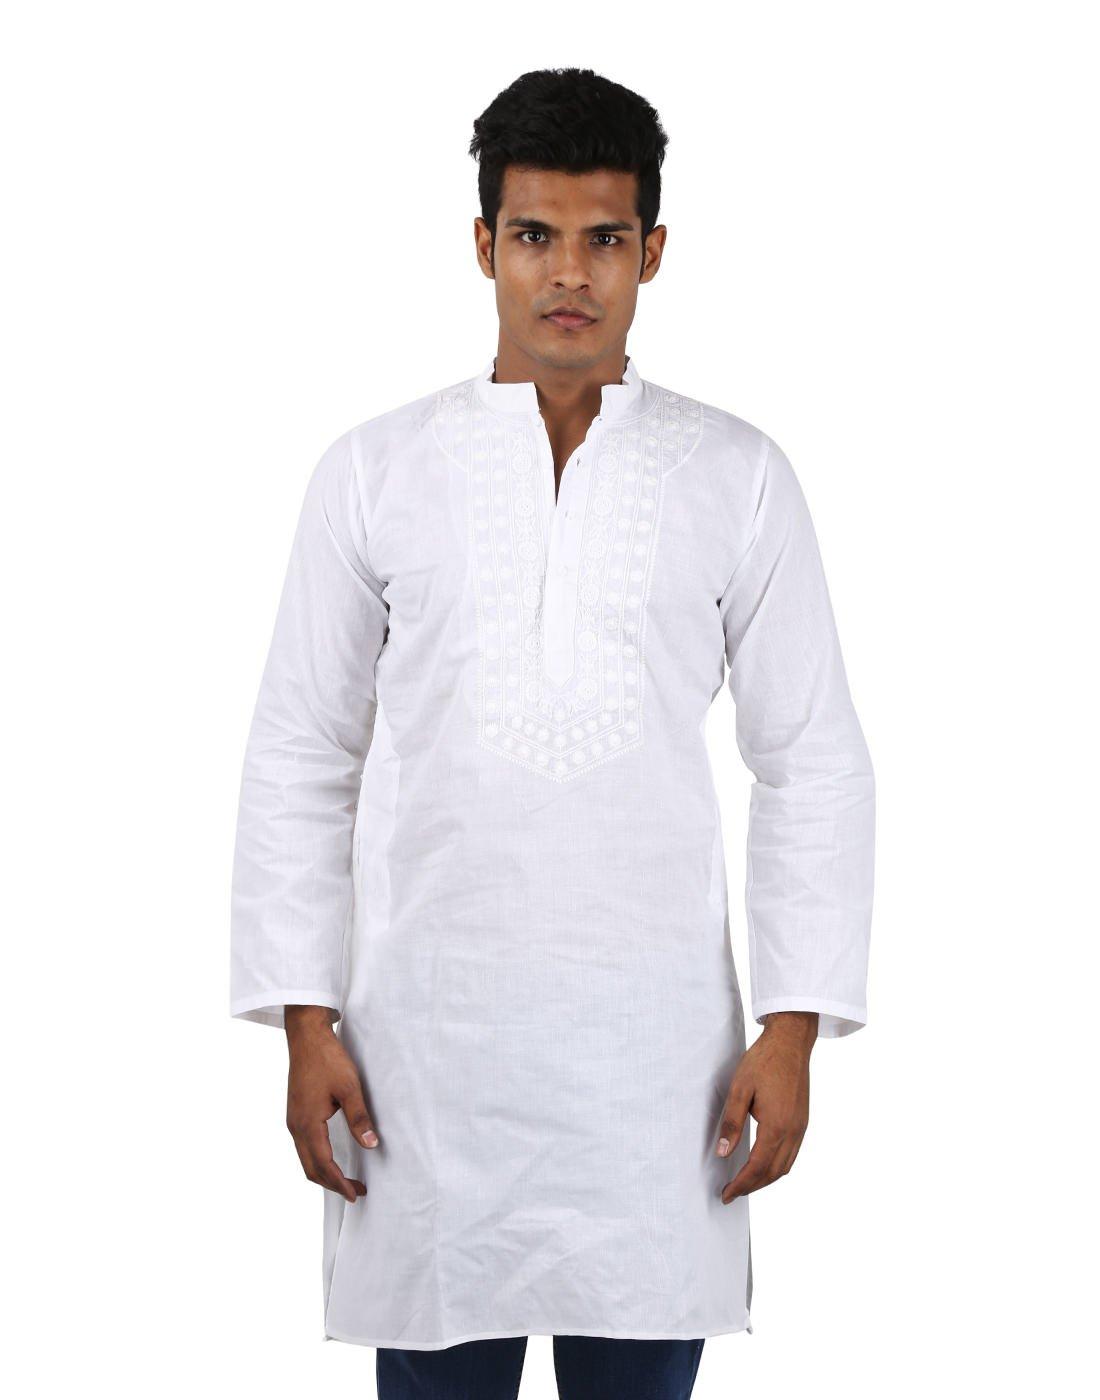 Indian Designer Handmade Cotton Short Mens Kurta Casual Punjabi Traditional Wear Clothing, White